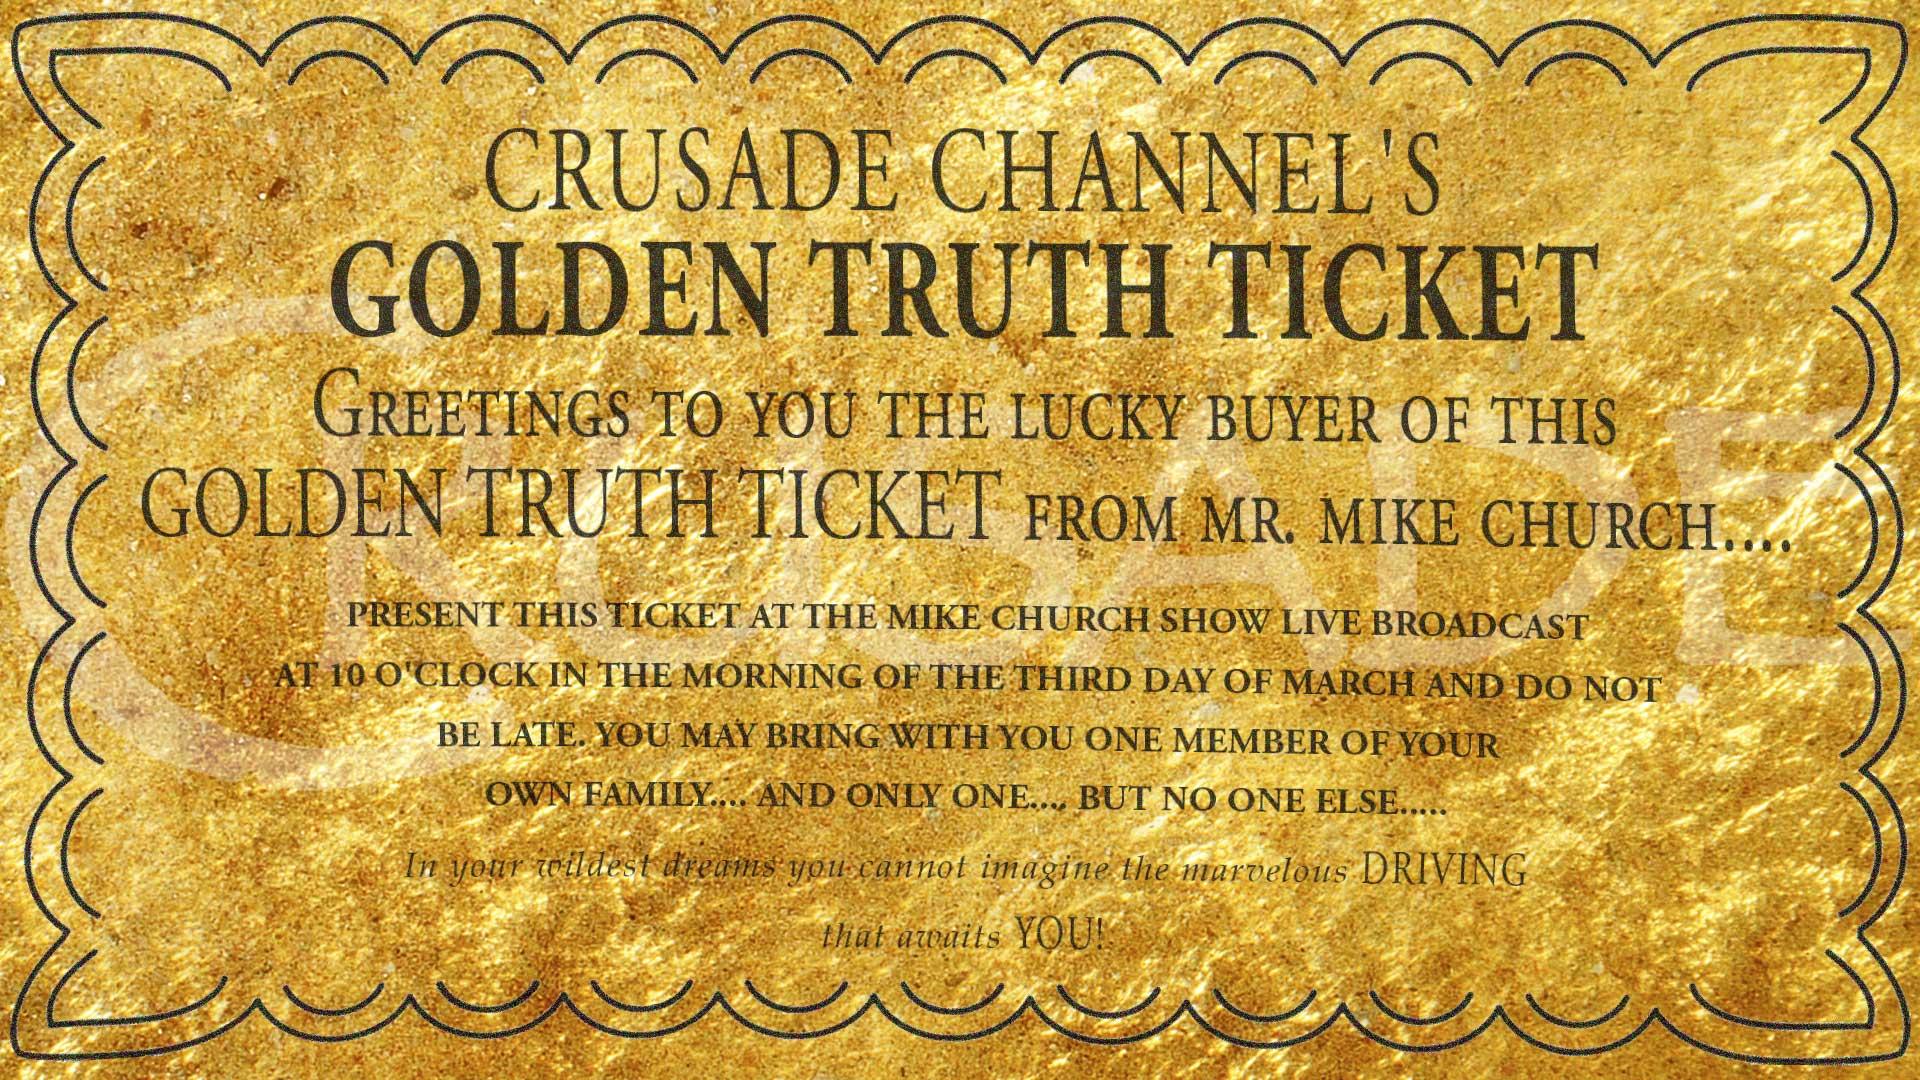 Golden truth ticket